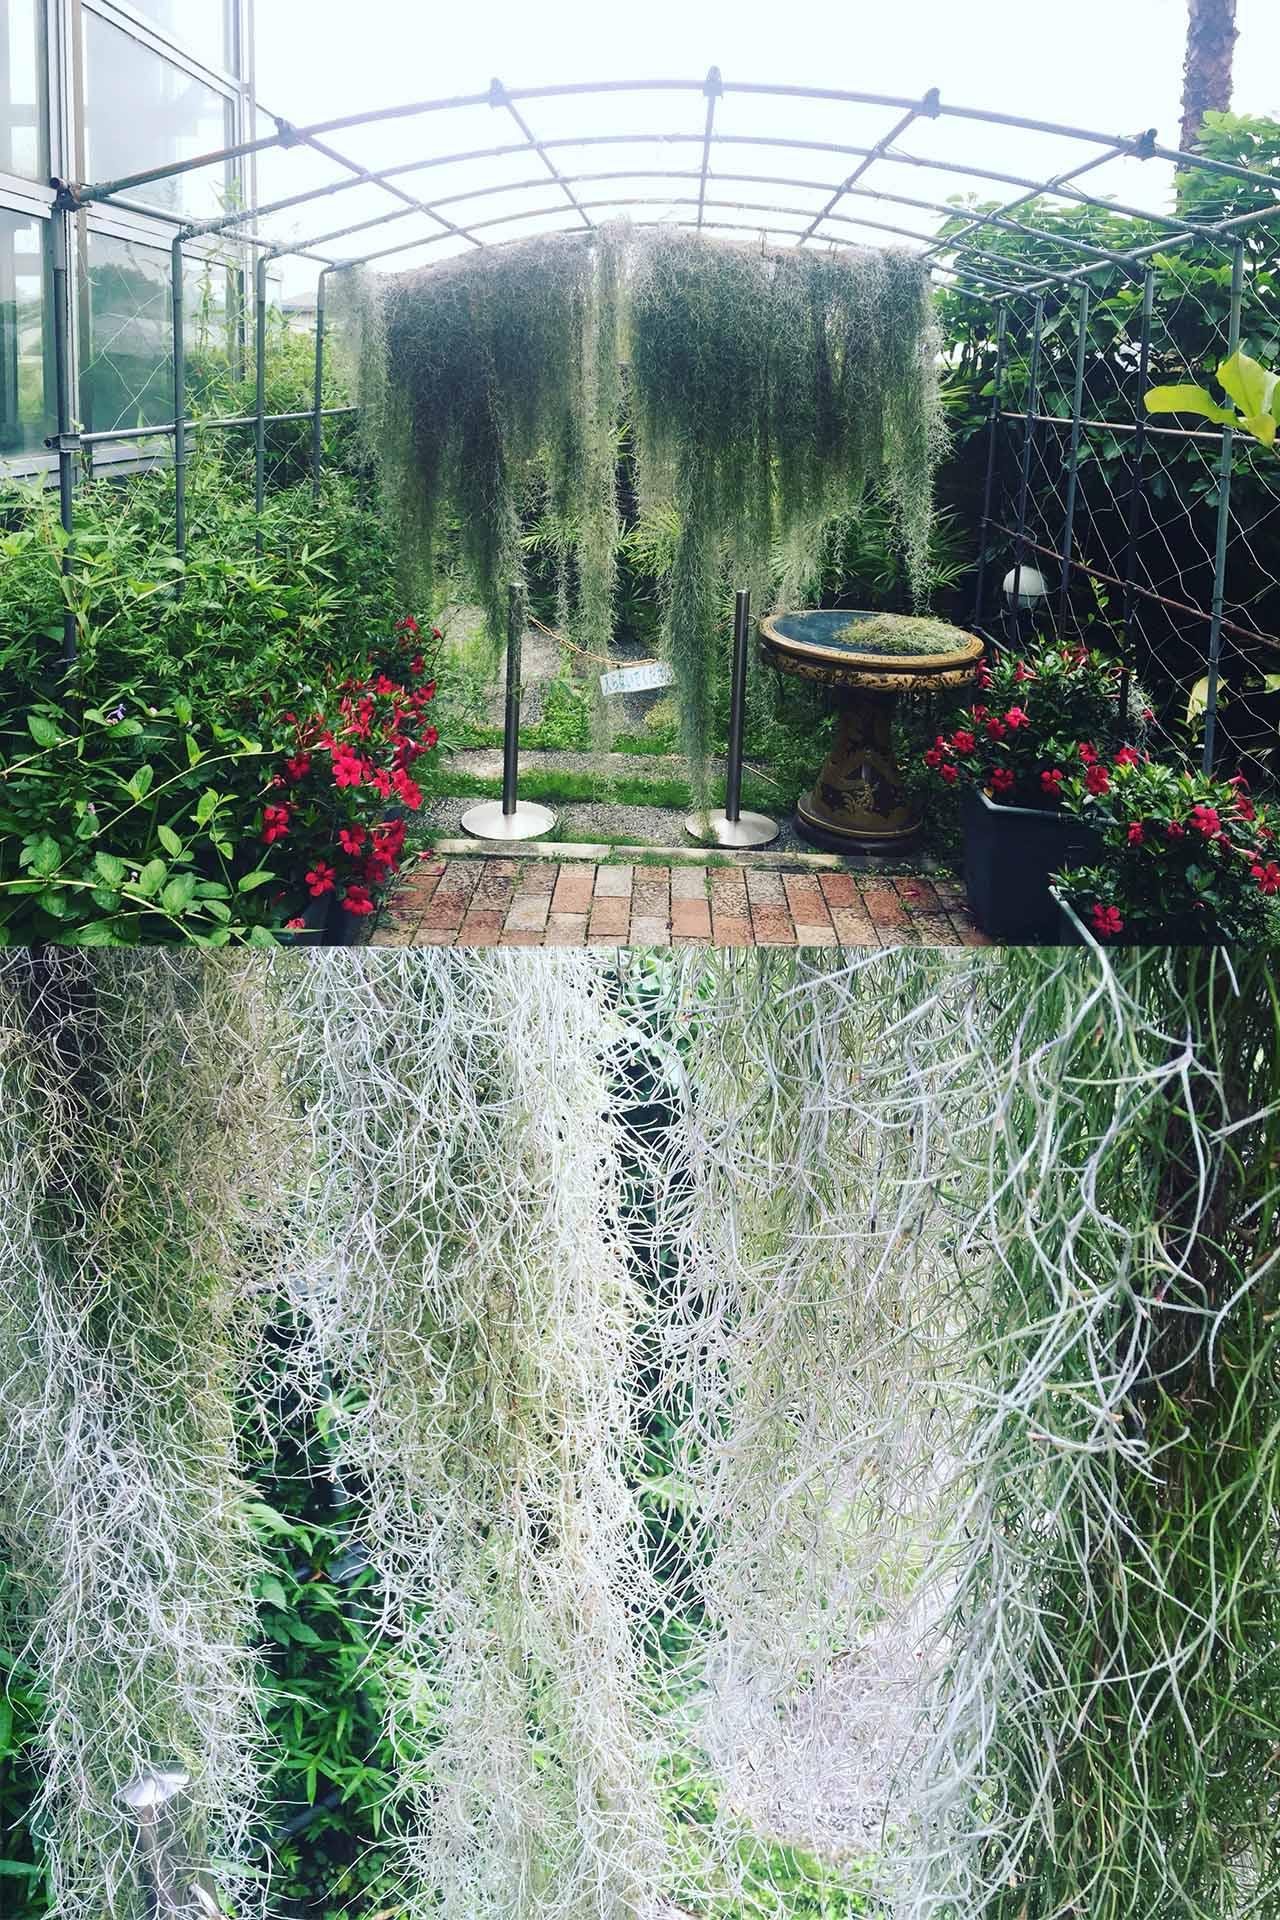 鮮花競放館內的空氣鳳梨-松蘿